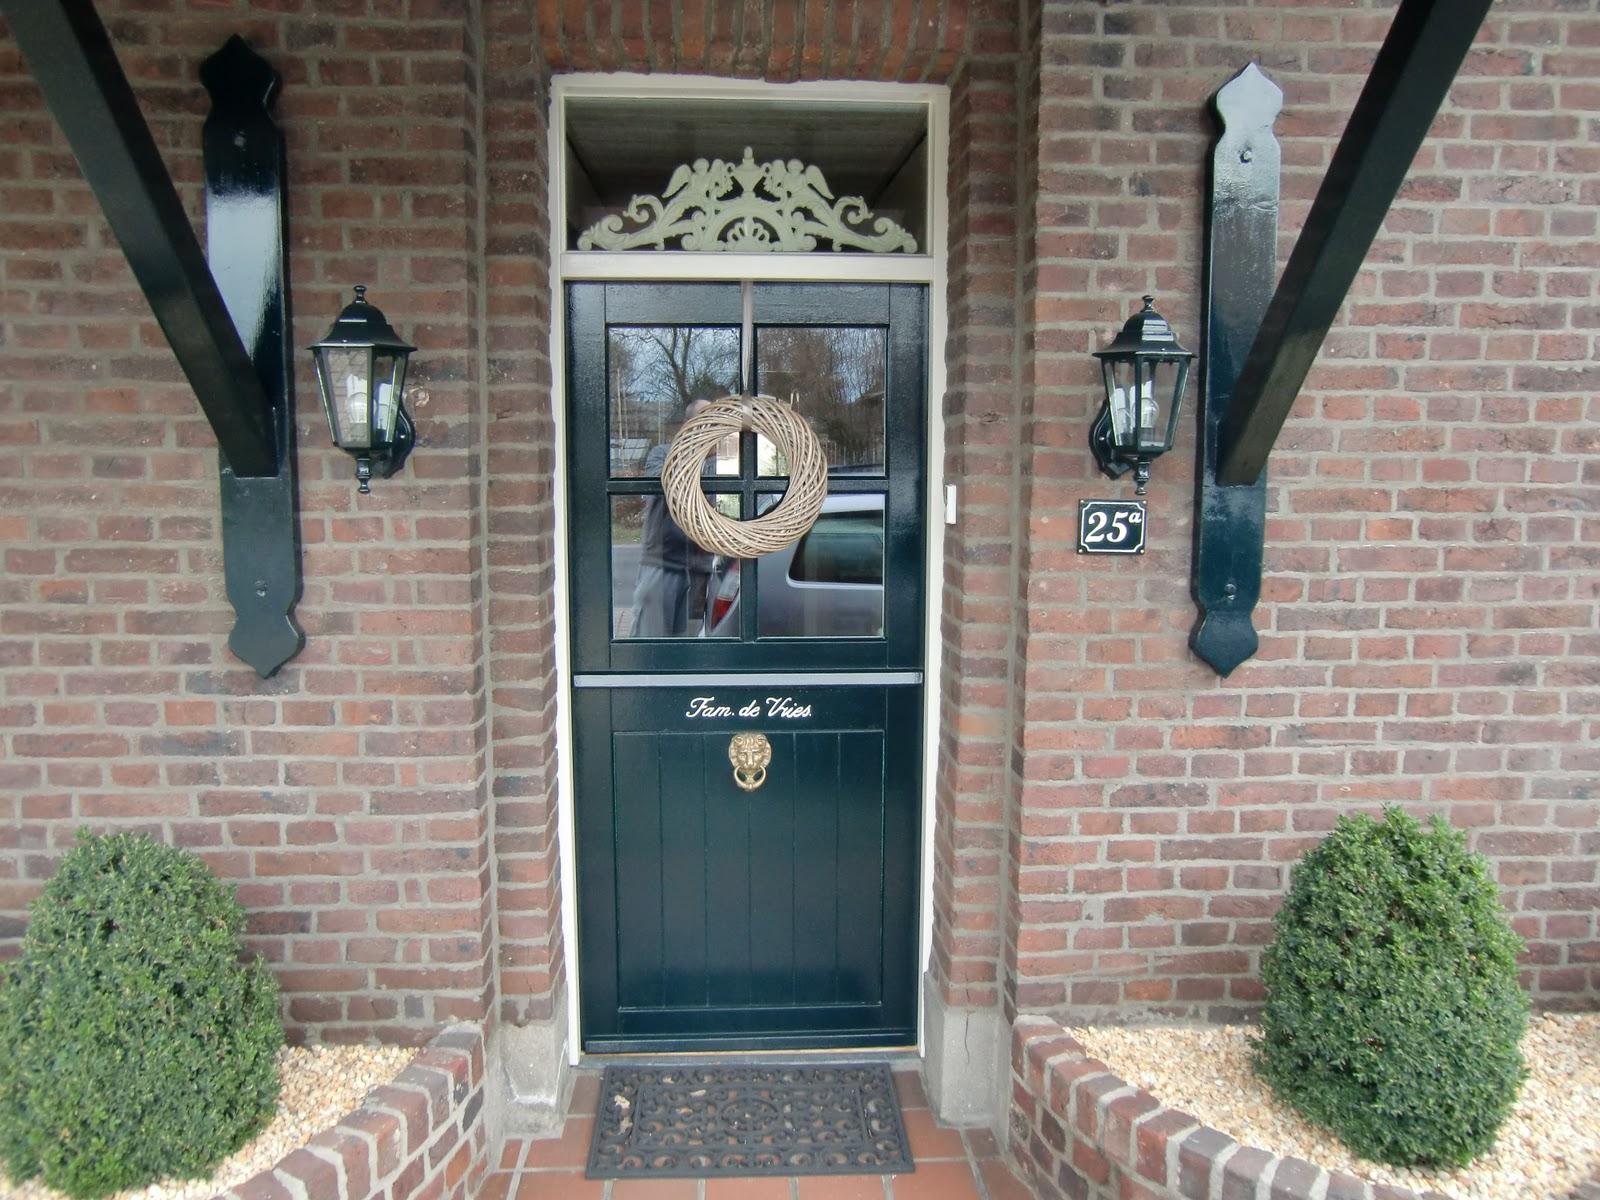 Siljo de voordeur en het huisnummer for Huisnummerbord maken